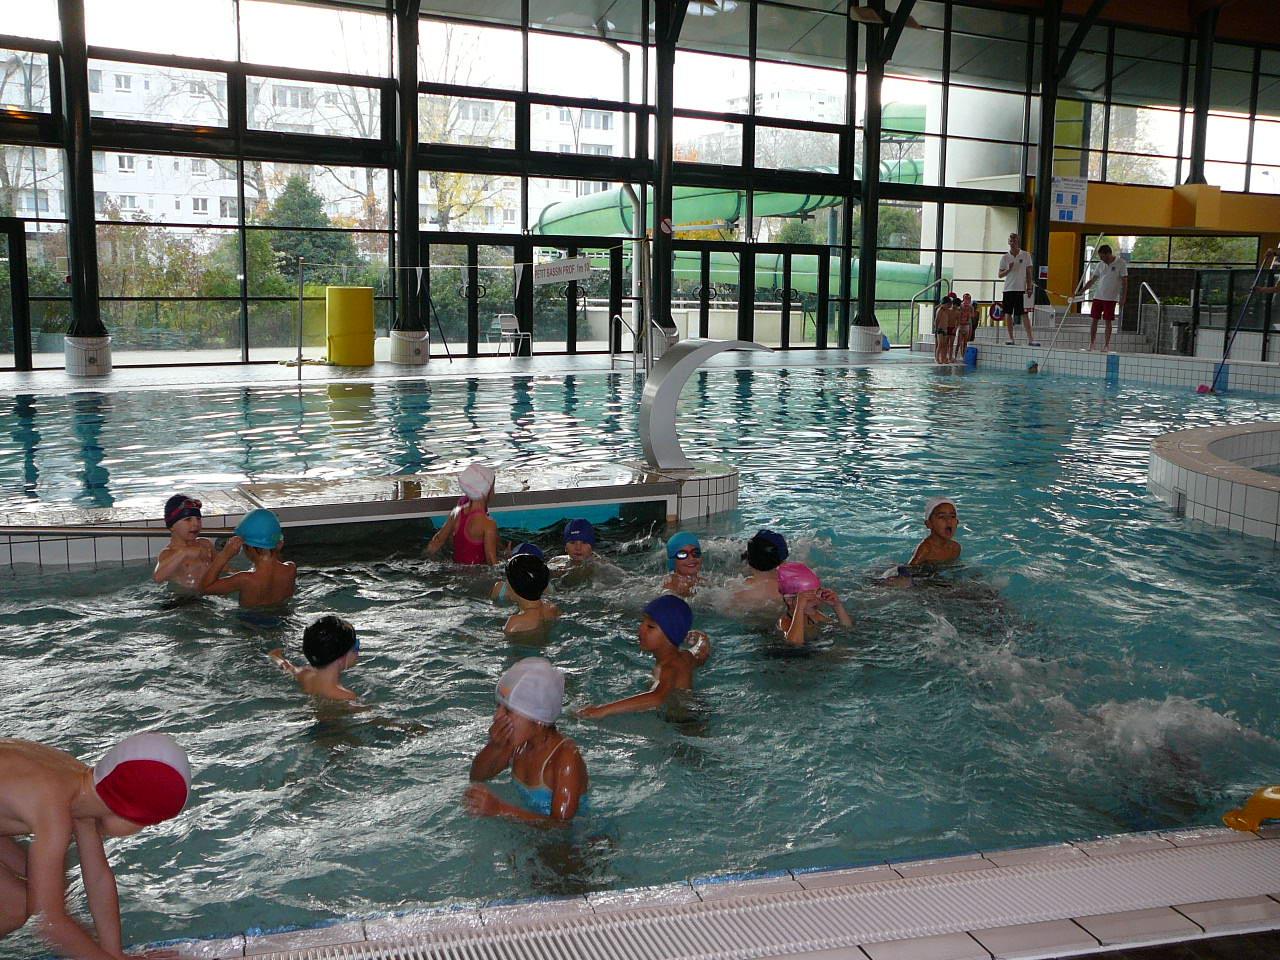 La piscine ecole l mentaire de buxerolles bourg for Piscine desjoyaux poitiers